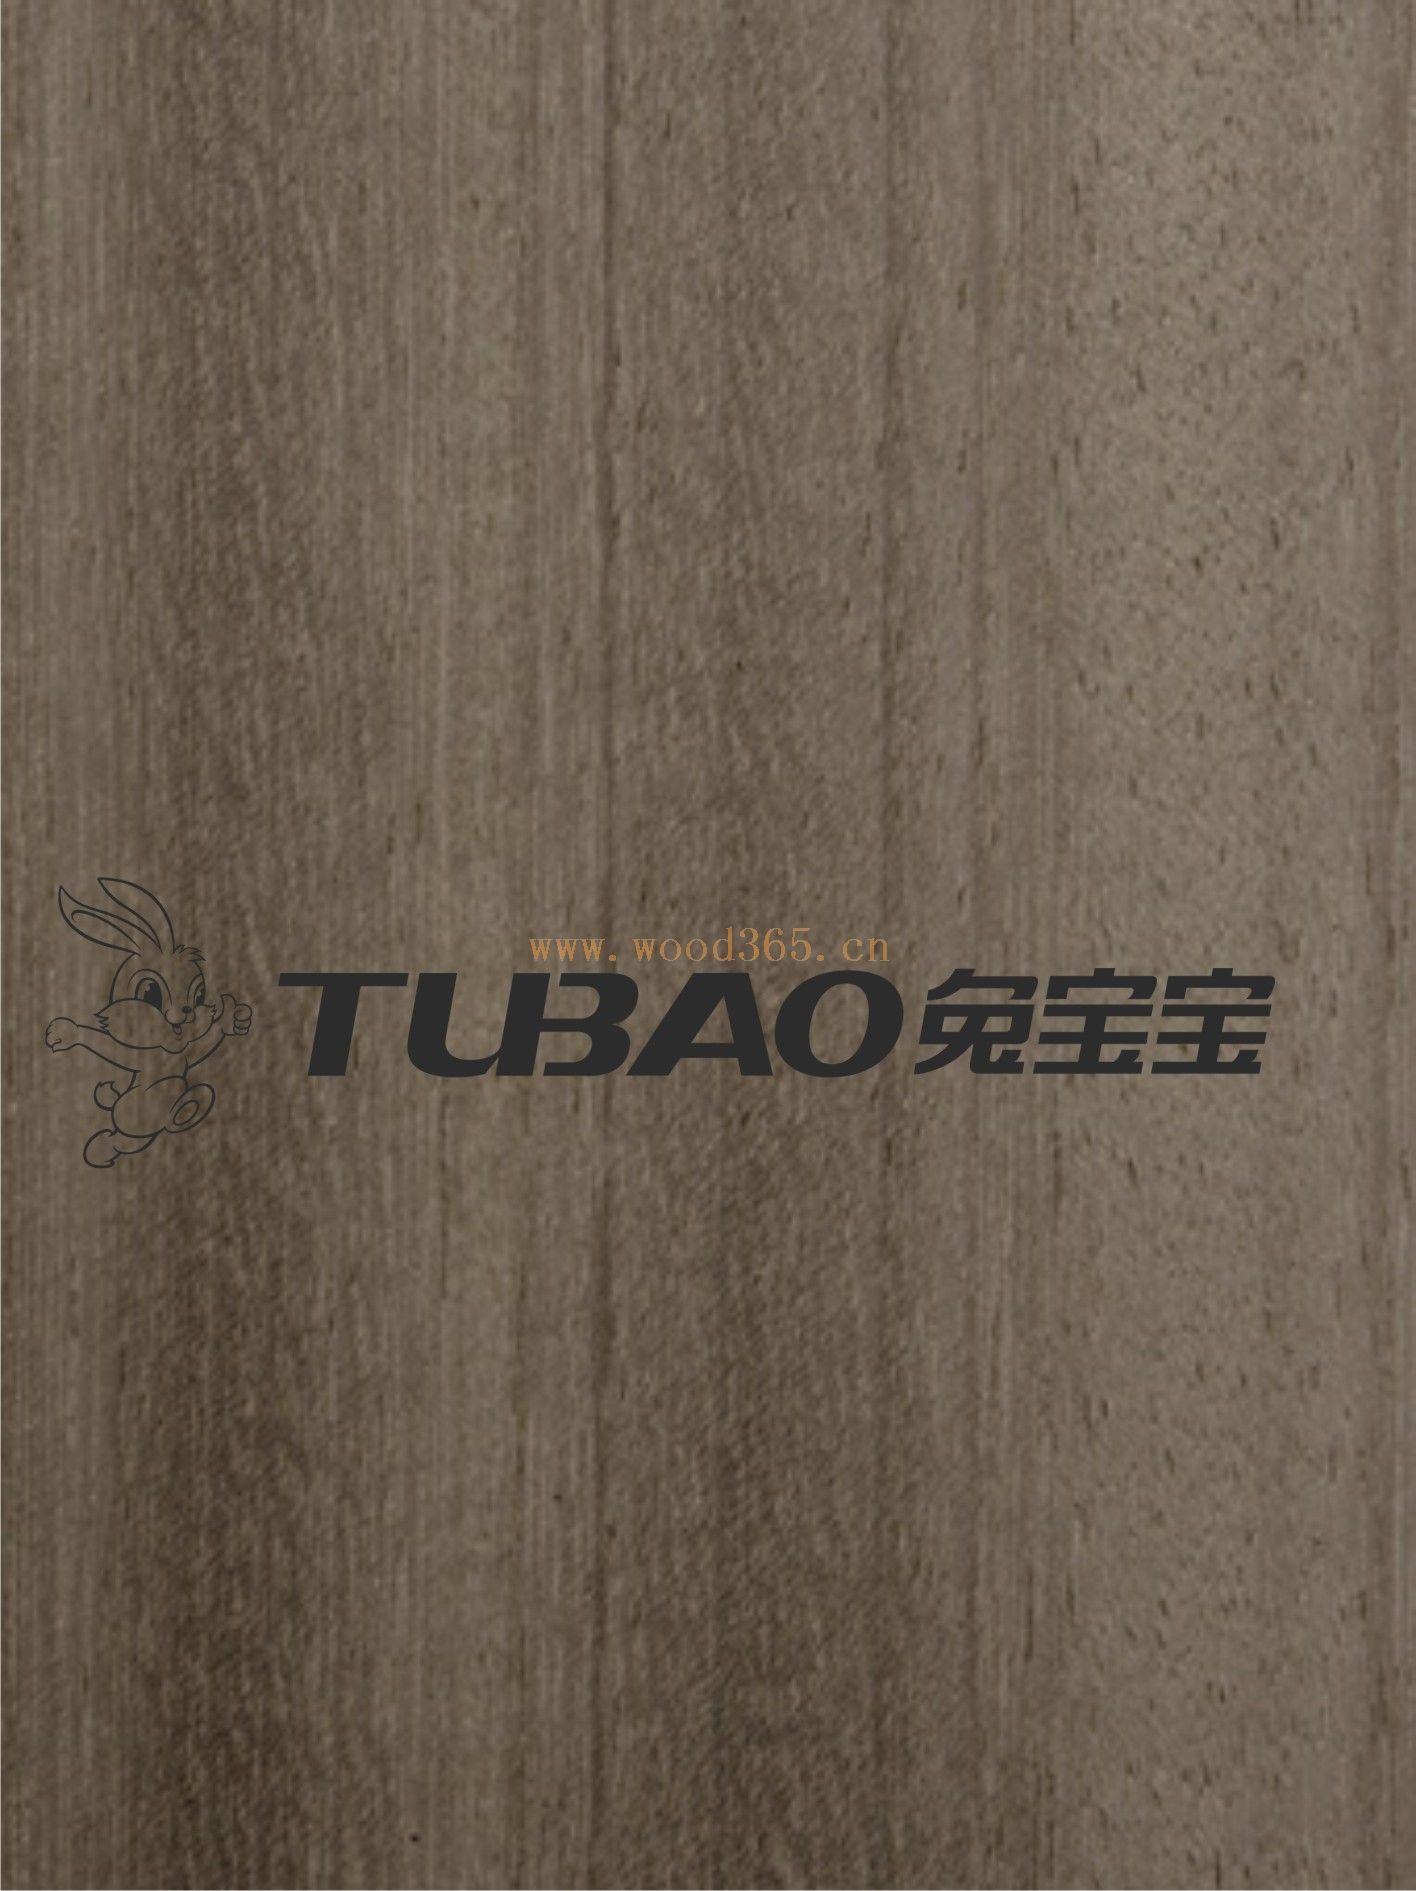 木皮的广泛应用      木皮有着优美的纹理,缤纷的色彩,以及树木在生